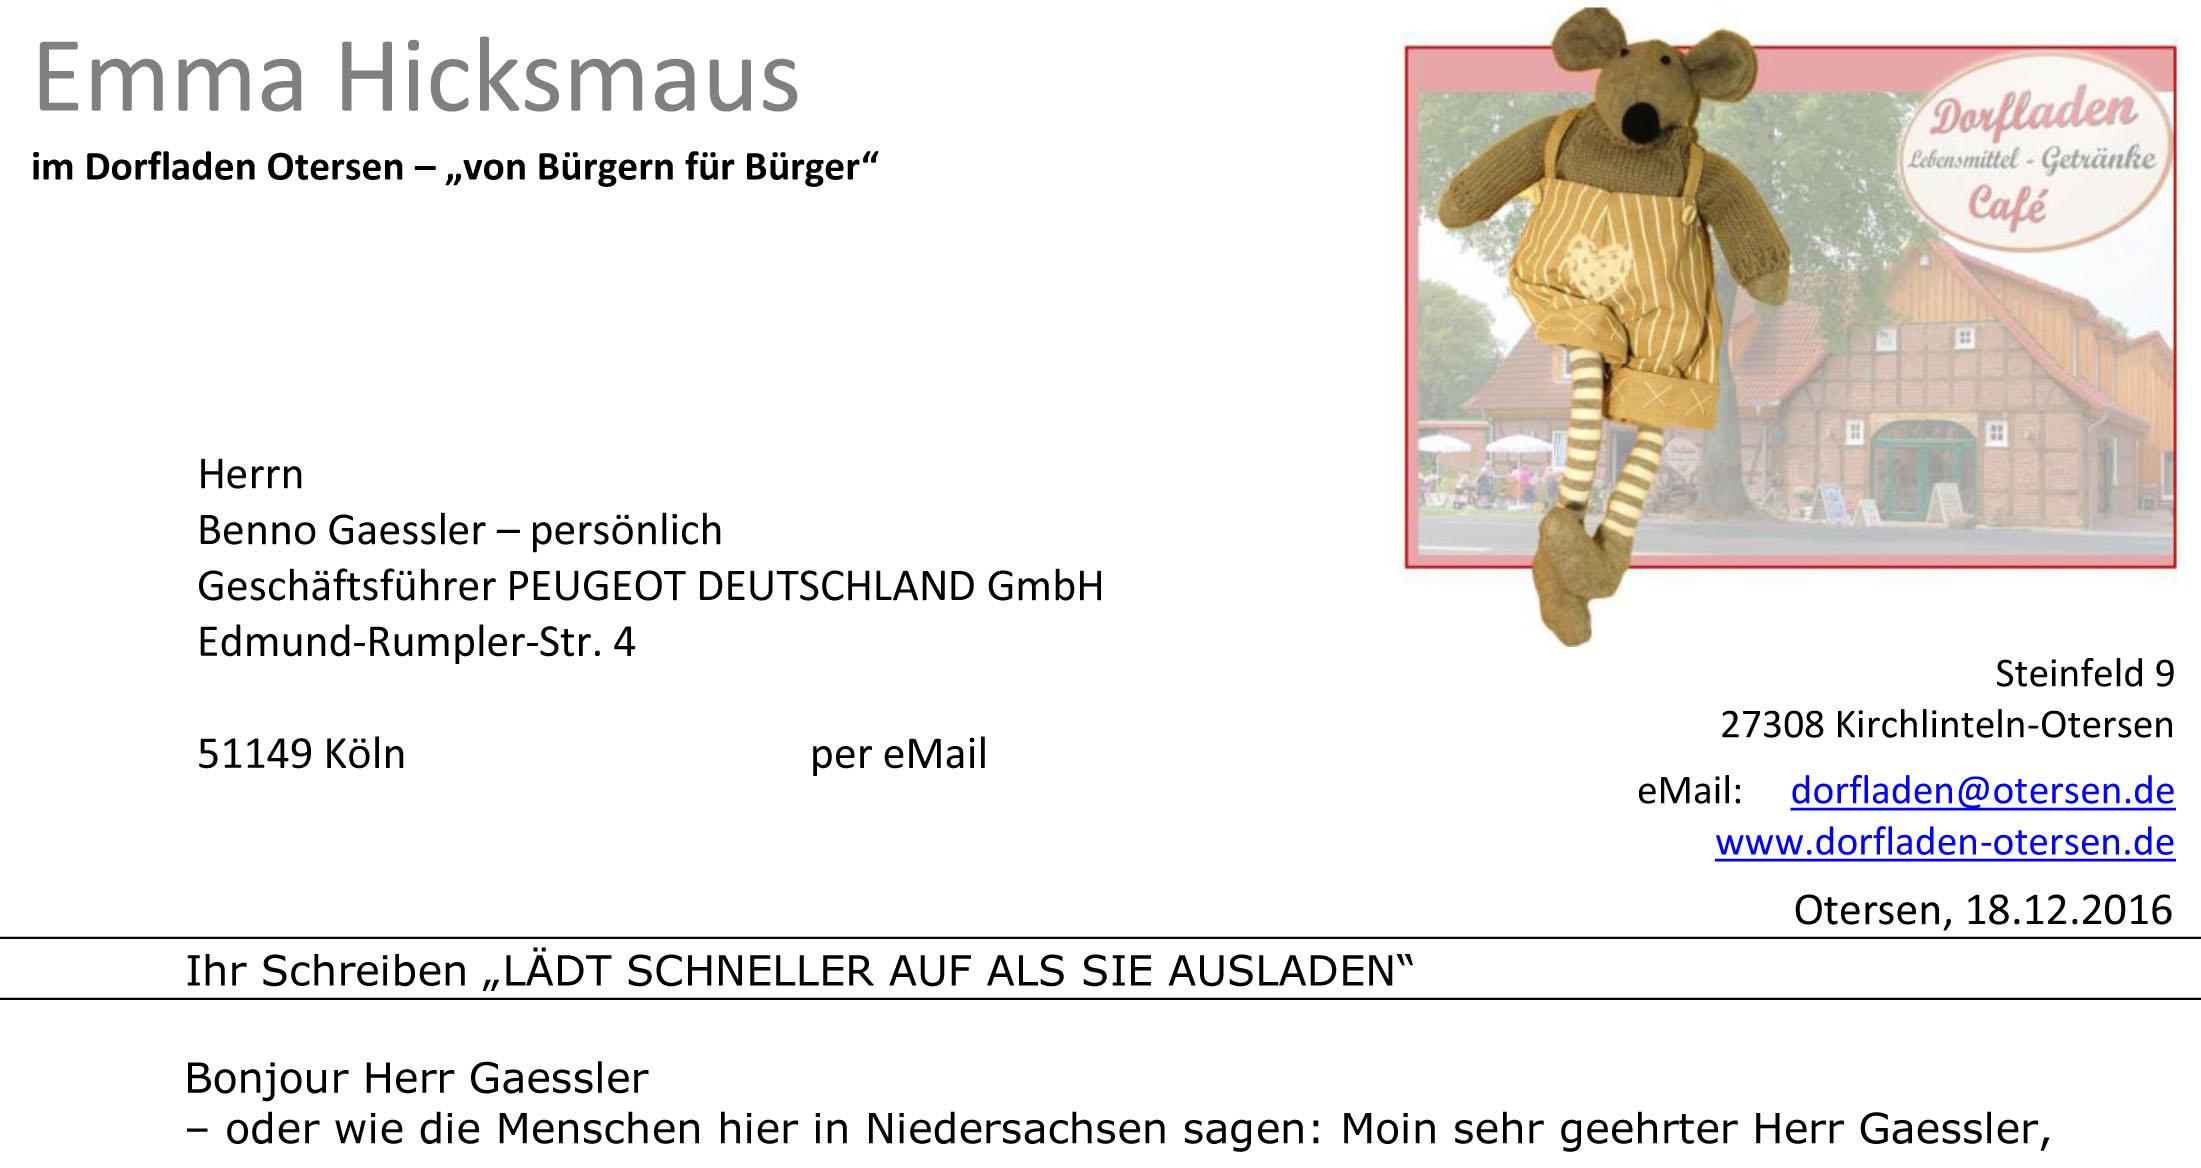 emma-hicksmaus-antwortet-peugeot-deutschland2